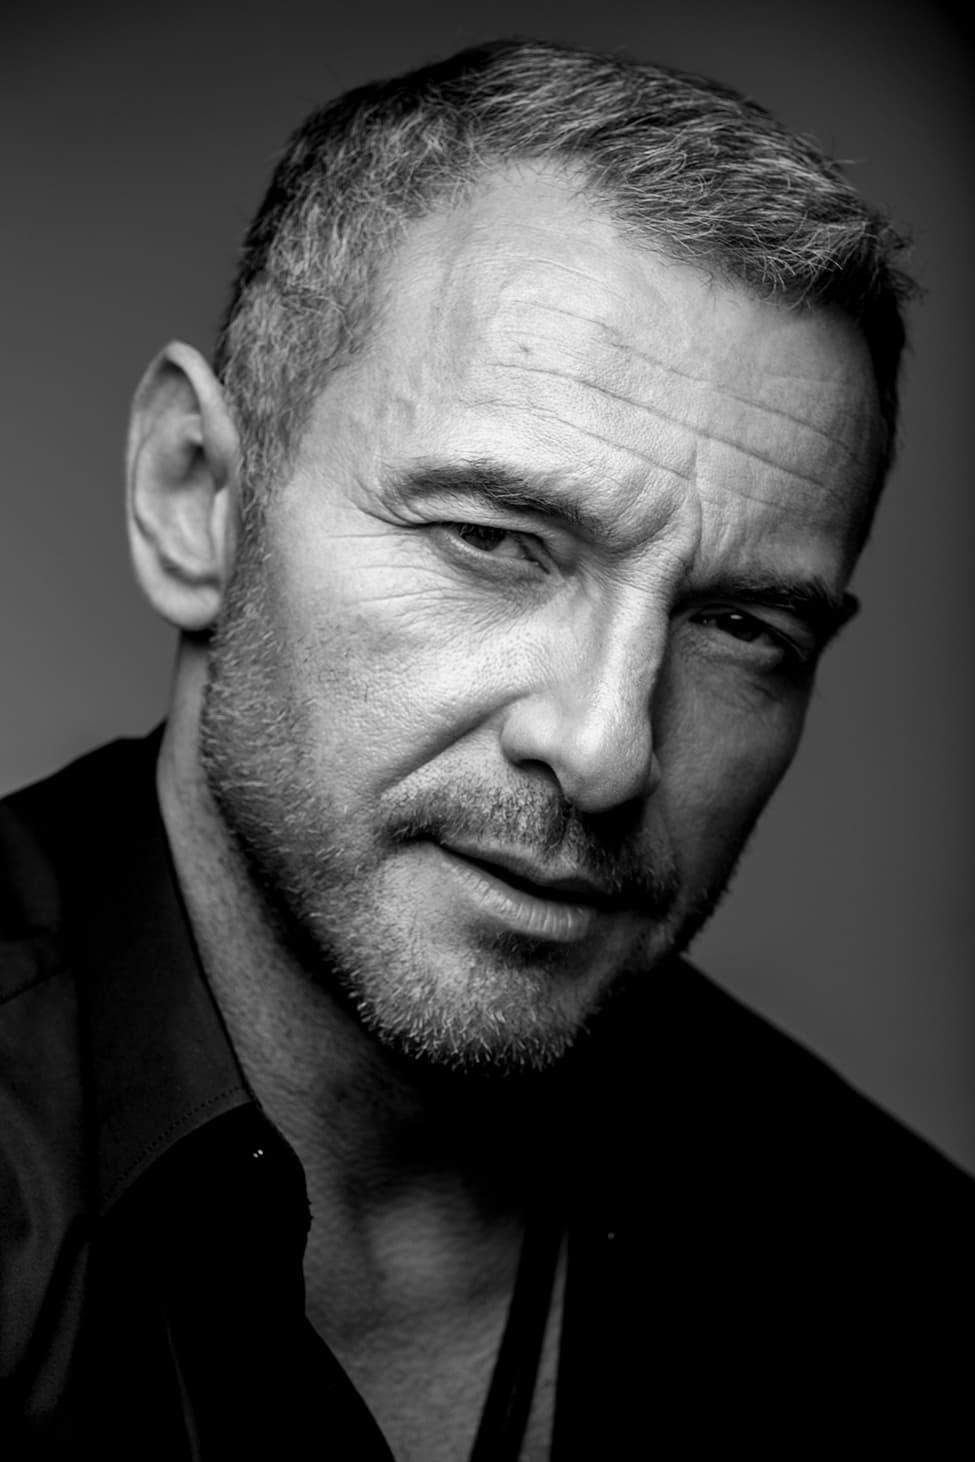 Maksim Drozd